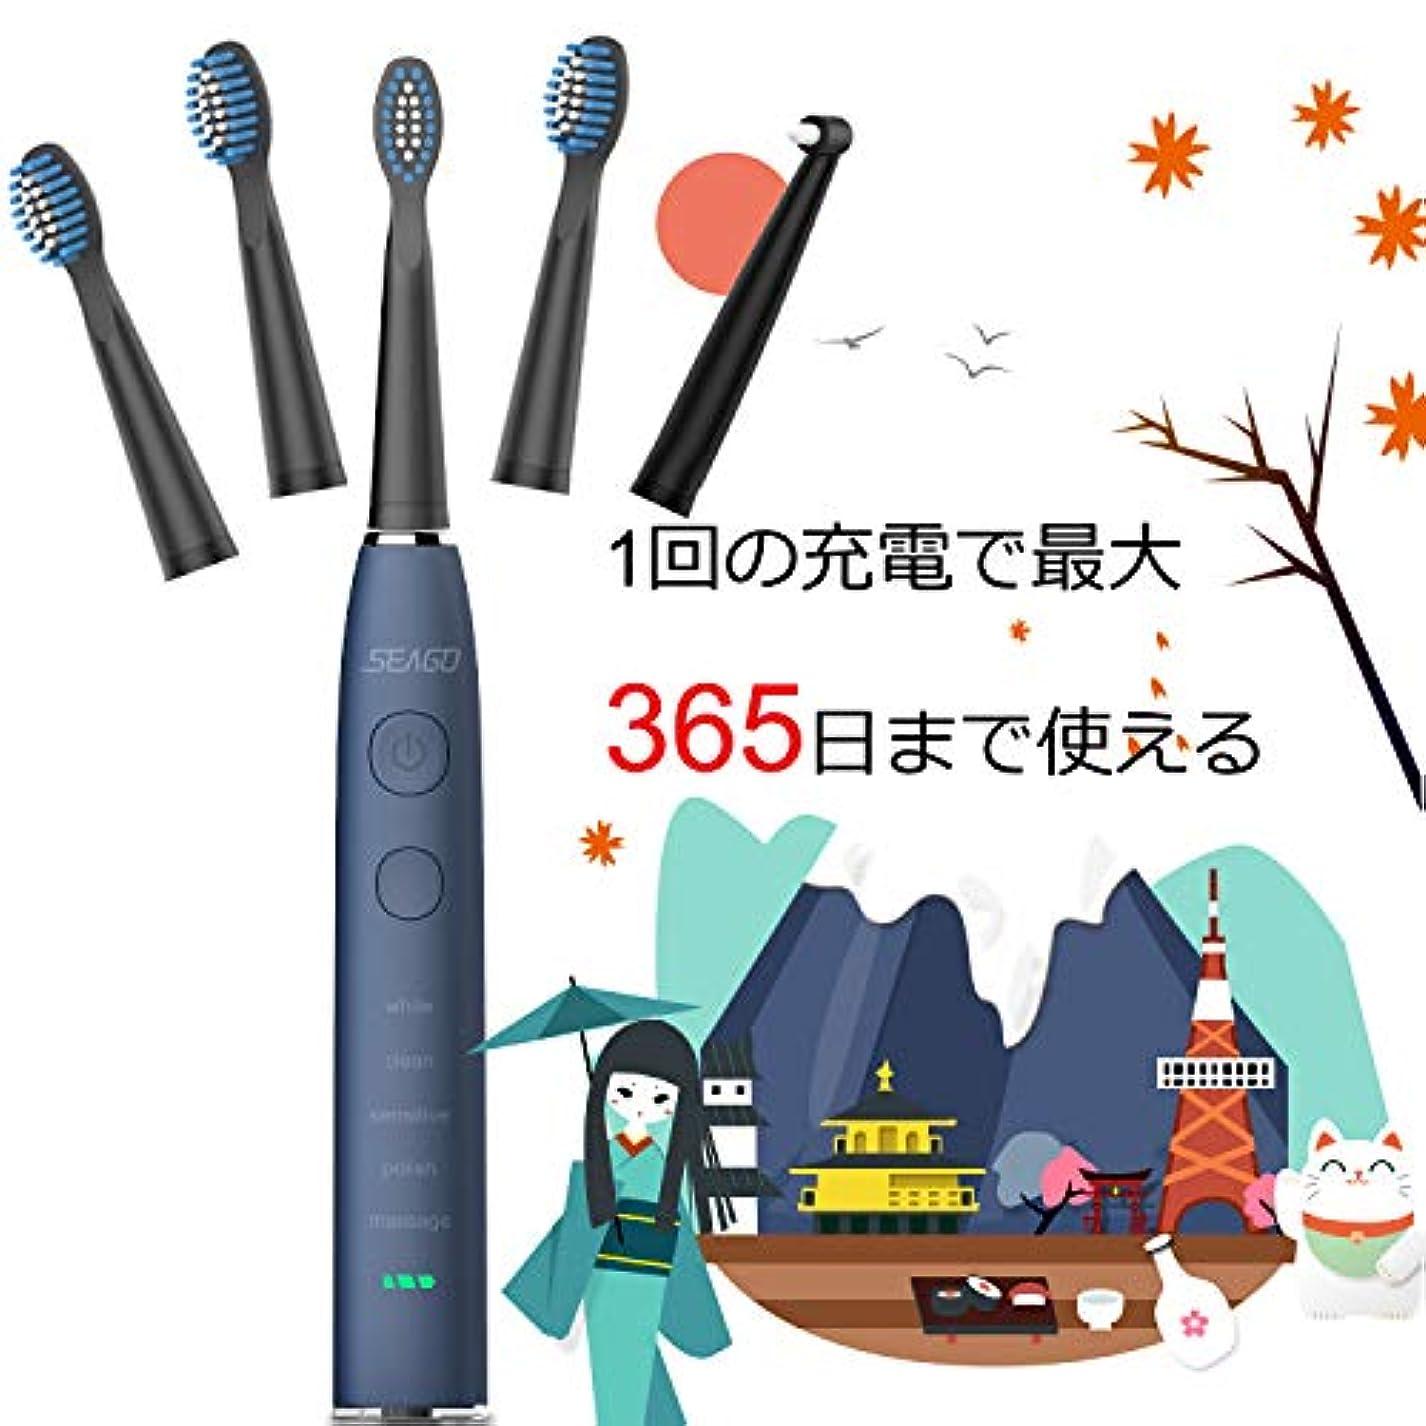 うめき軽蔑する良性電動歯ブラシ 歯ブラシ seago 音波歯ブラシ USB充電式8時間 365日に使用 IPX7防水 五つモードと2分オートタイマー機能搭載 替えブラシ5本 12ヶ月メーカー保証 SG-575(ブルー)